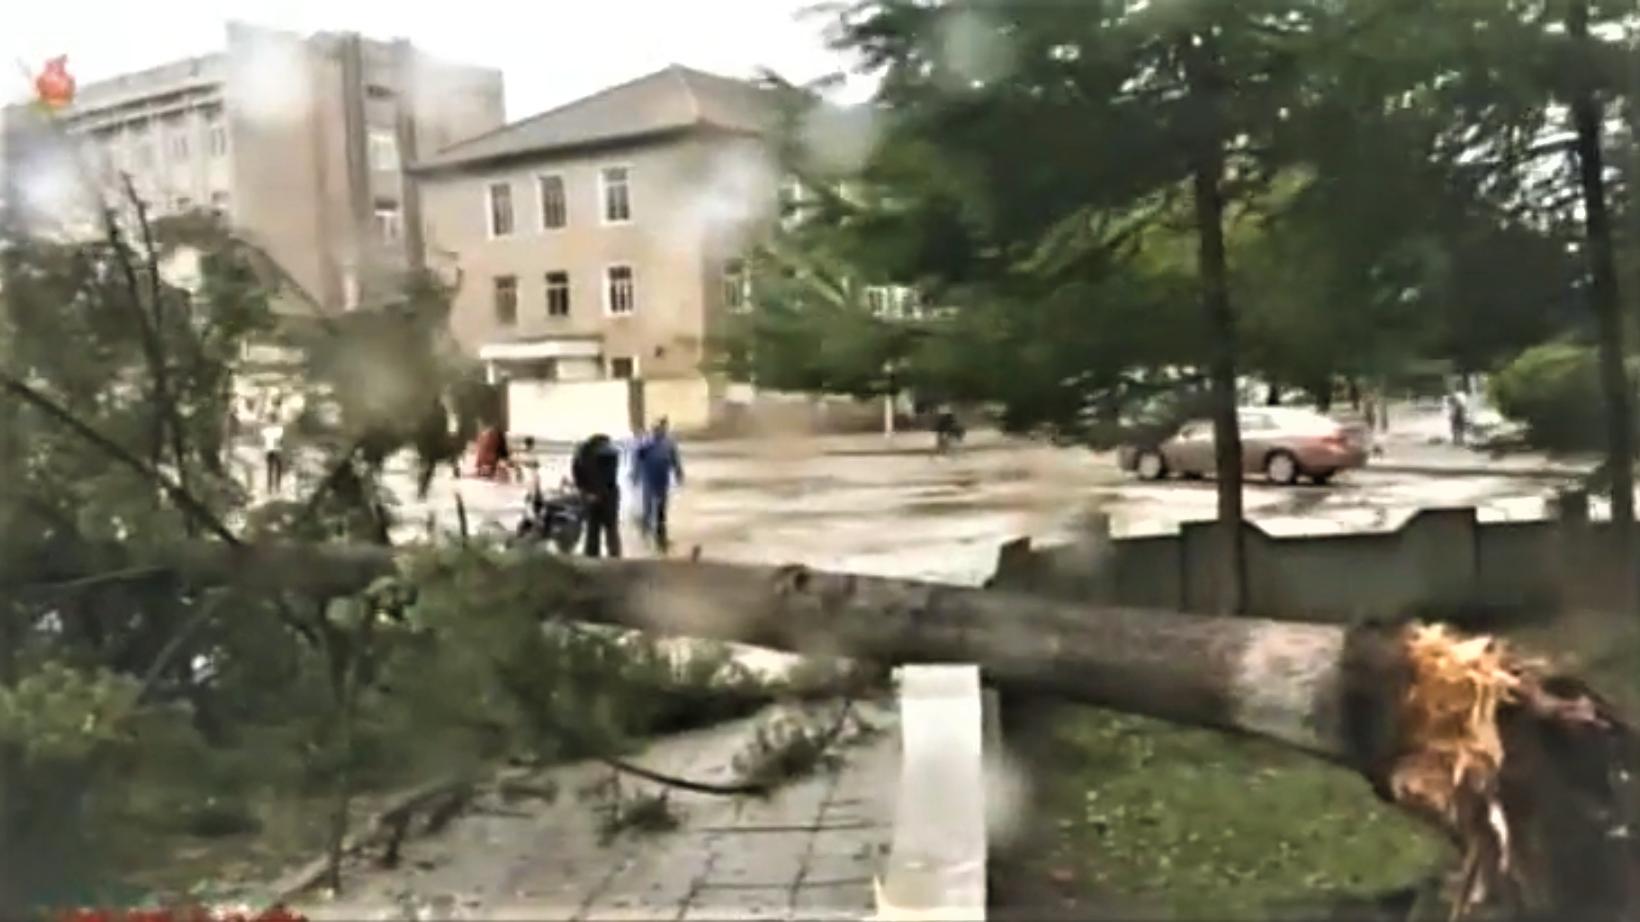 Typhoon damage in North Korea leaves five dead, hundreds of homes destroyed: KCNA